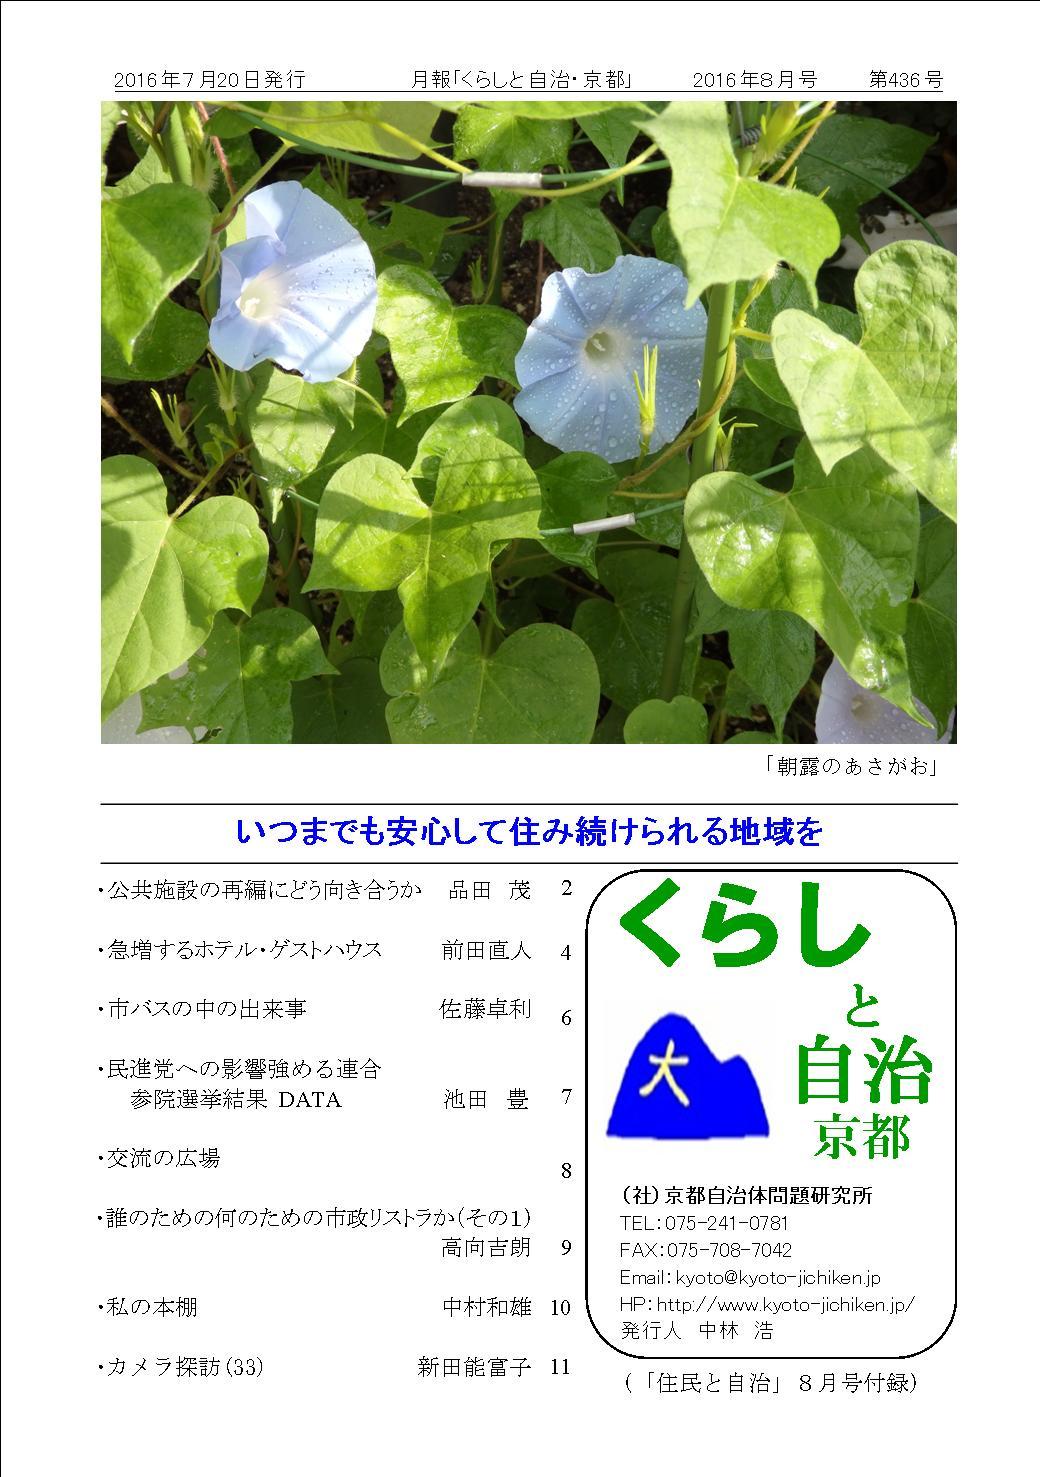 月報「くらしと自治・京都」2015年08月号 第436号